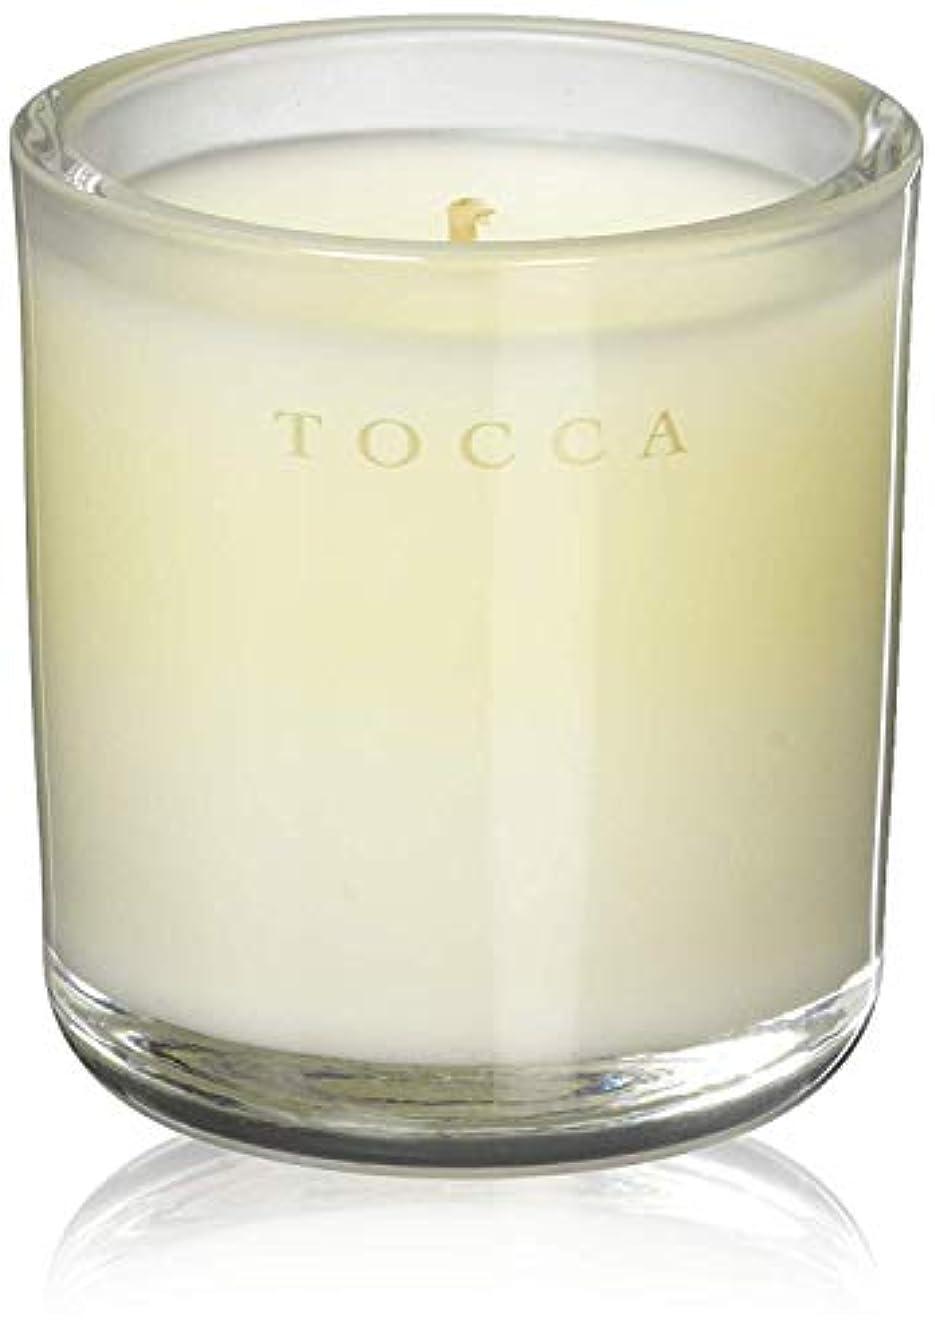 植物学者持参傾くTOCCA(トッカ) ボヤージュ キャンデリーナ マラケシュ 85g (ろうそく 芳香 パチュリとアンバーのスパイシーな香り)